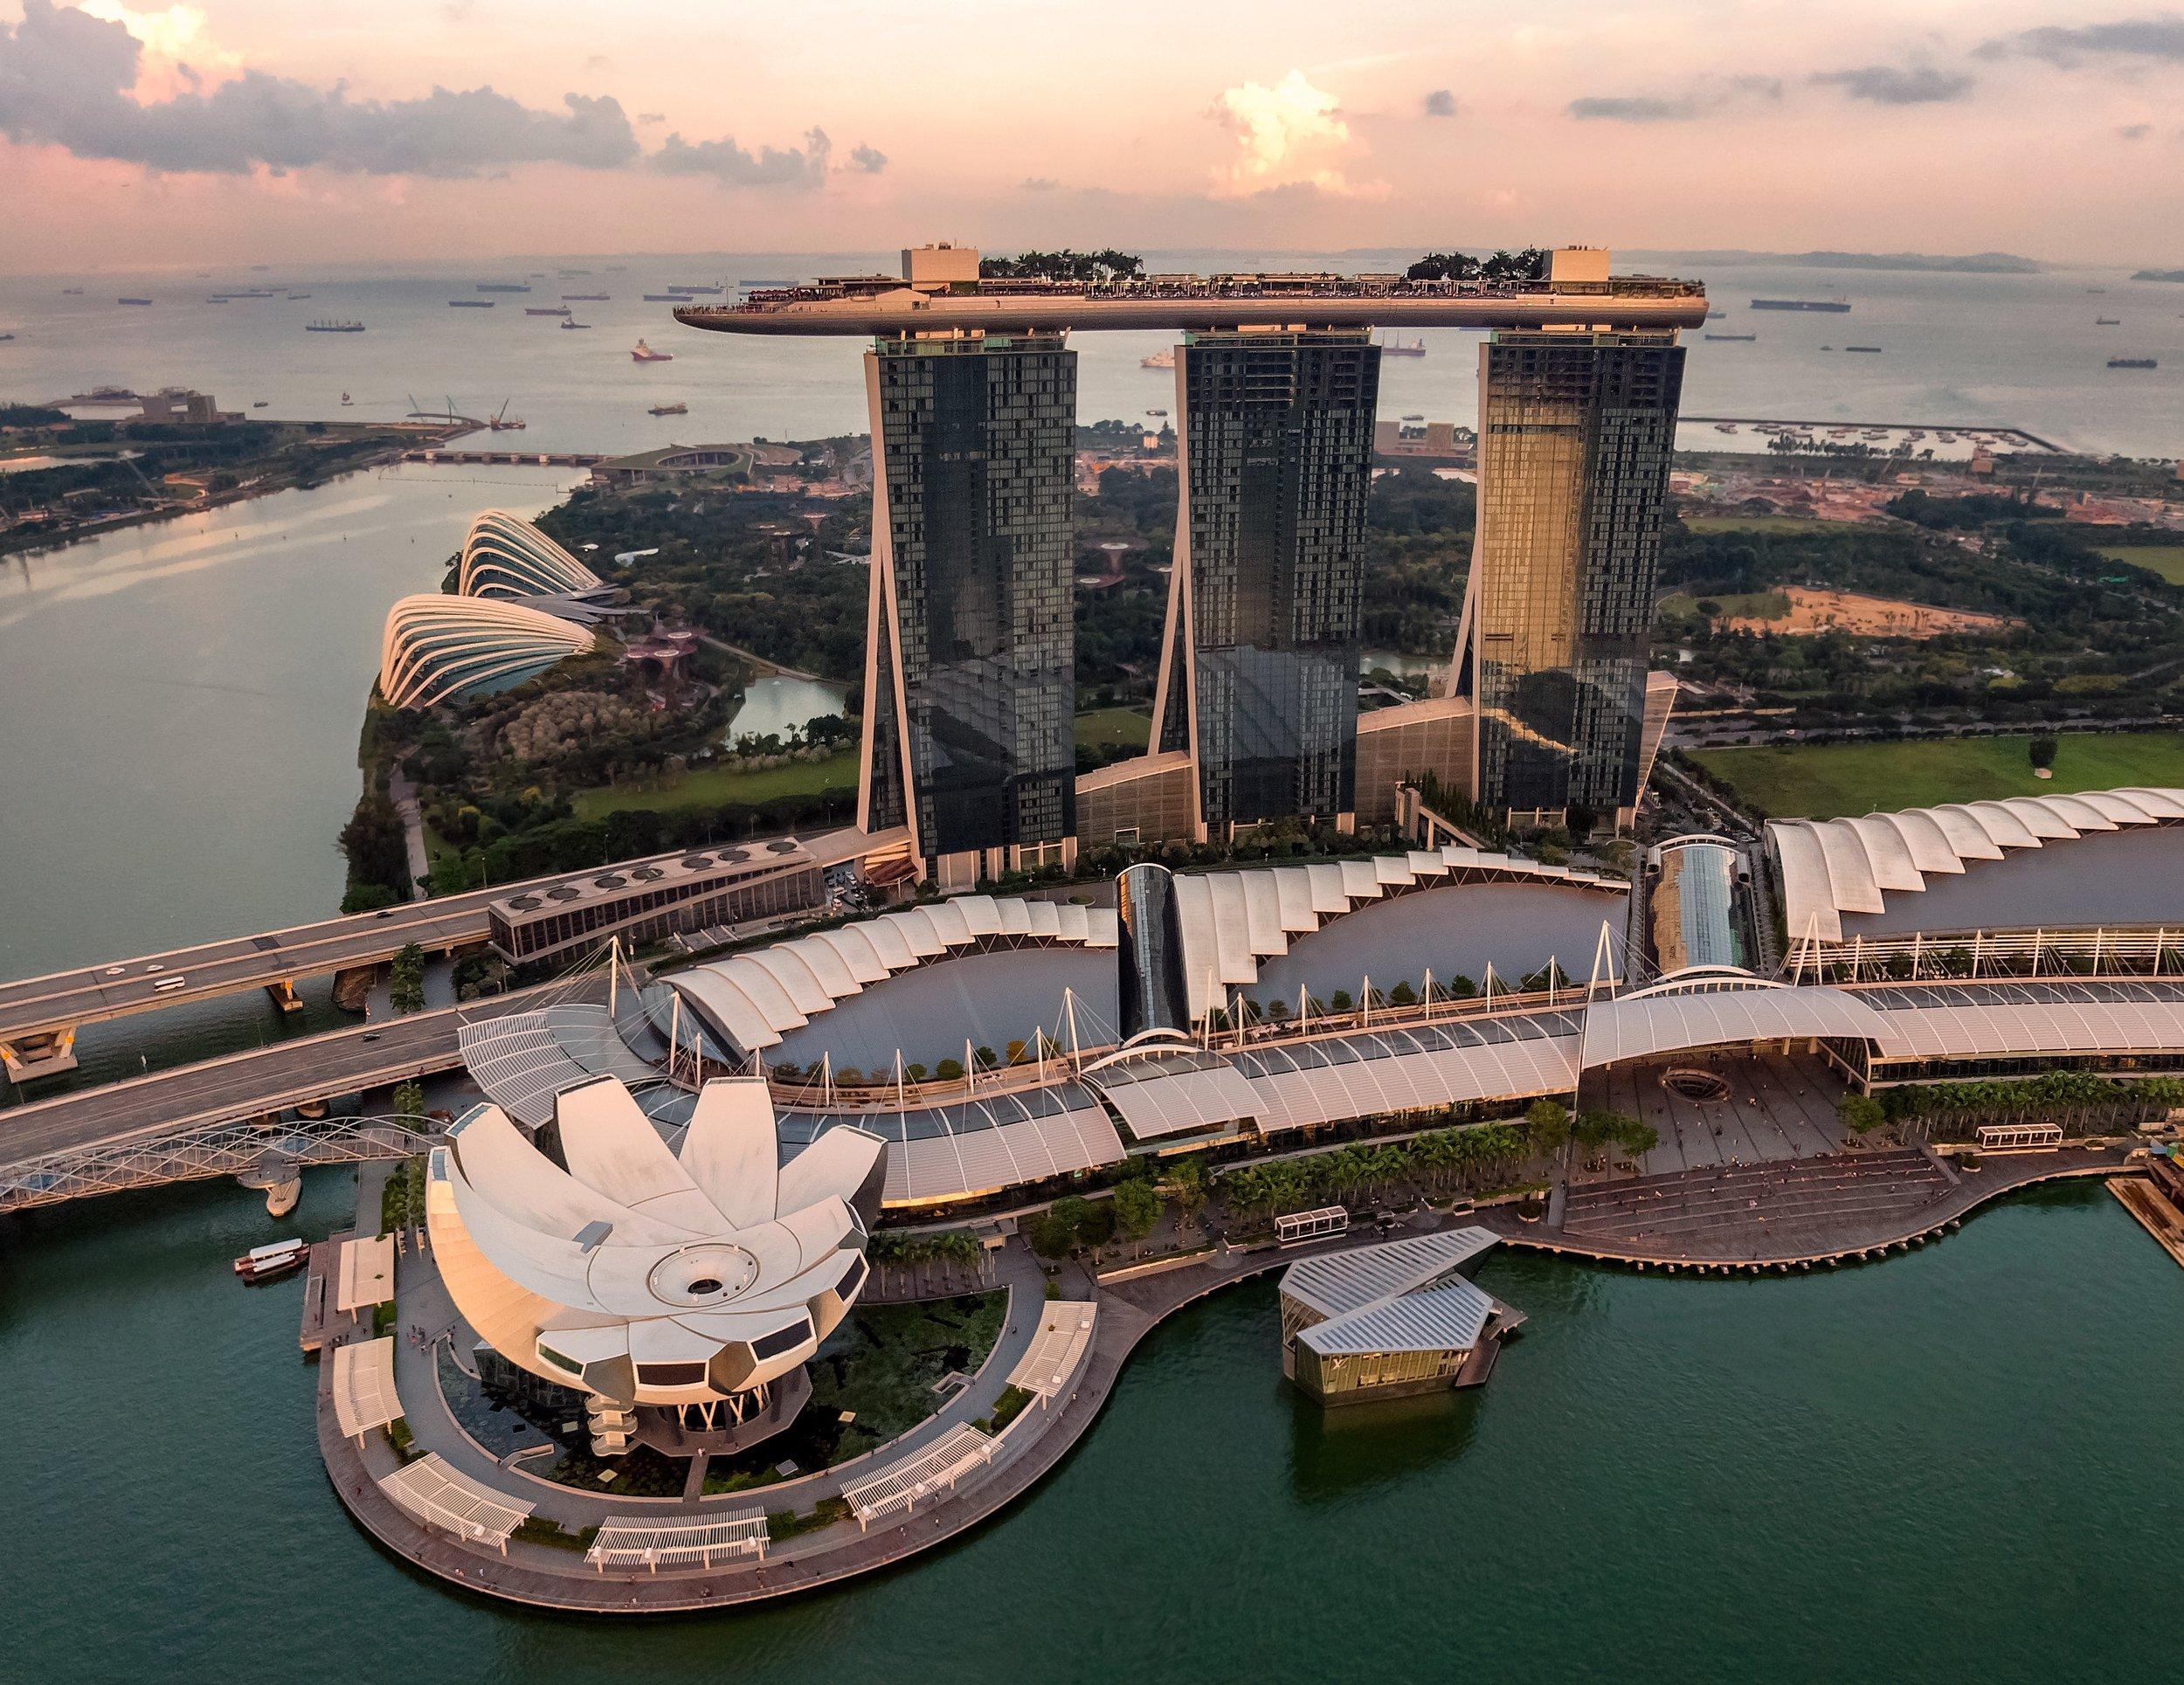 Singapore by @chenhu